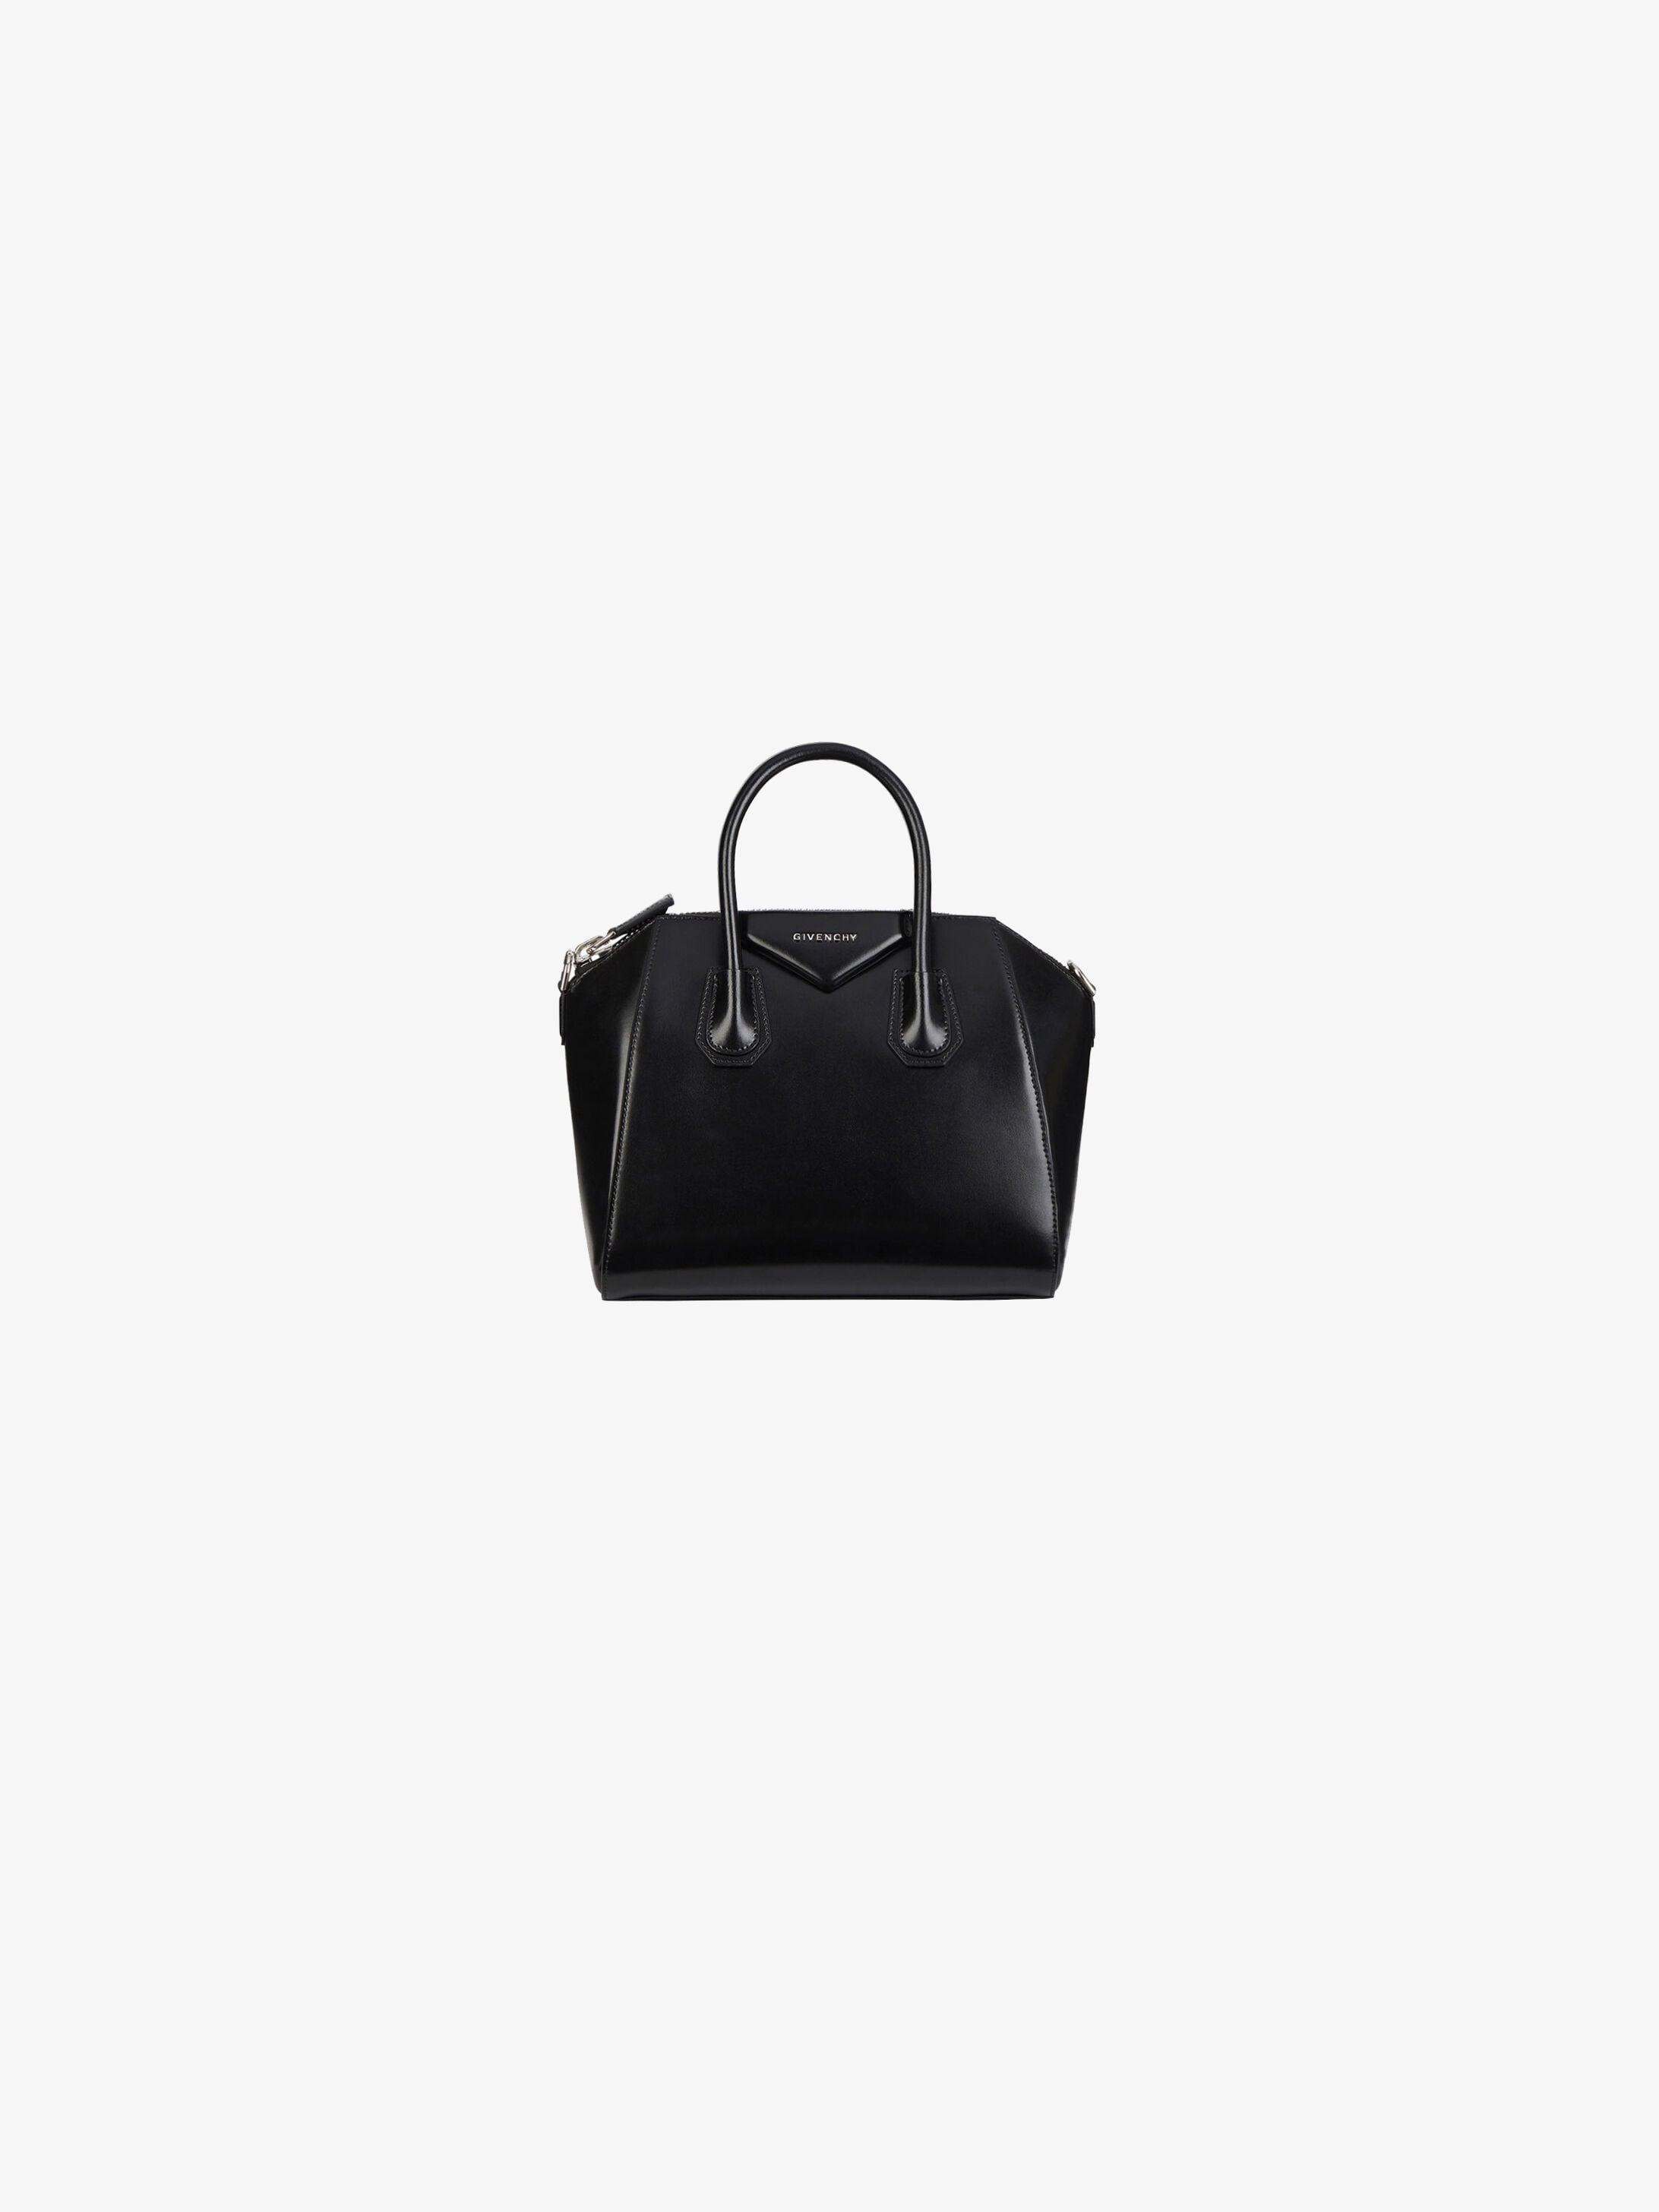 1d6accbb509 Women's Antigona collection by Givenchy. | GIVENCHY Paris